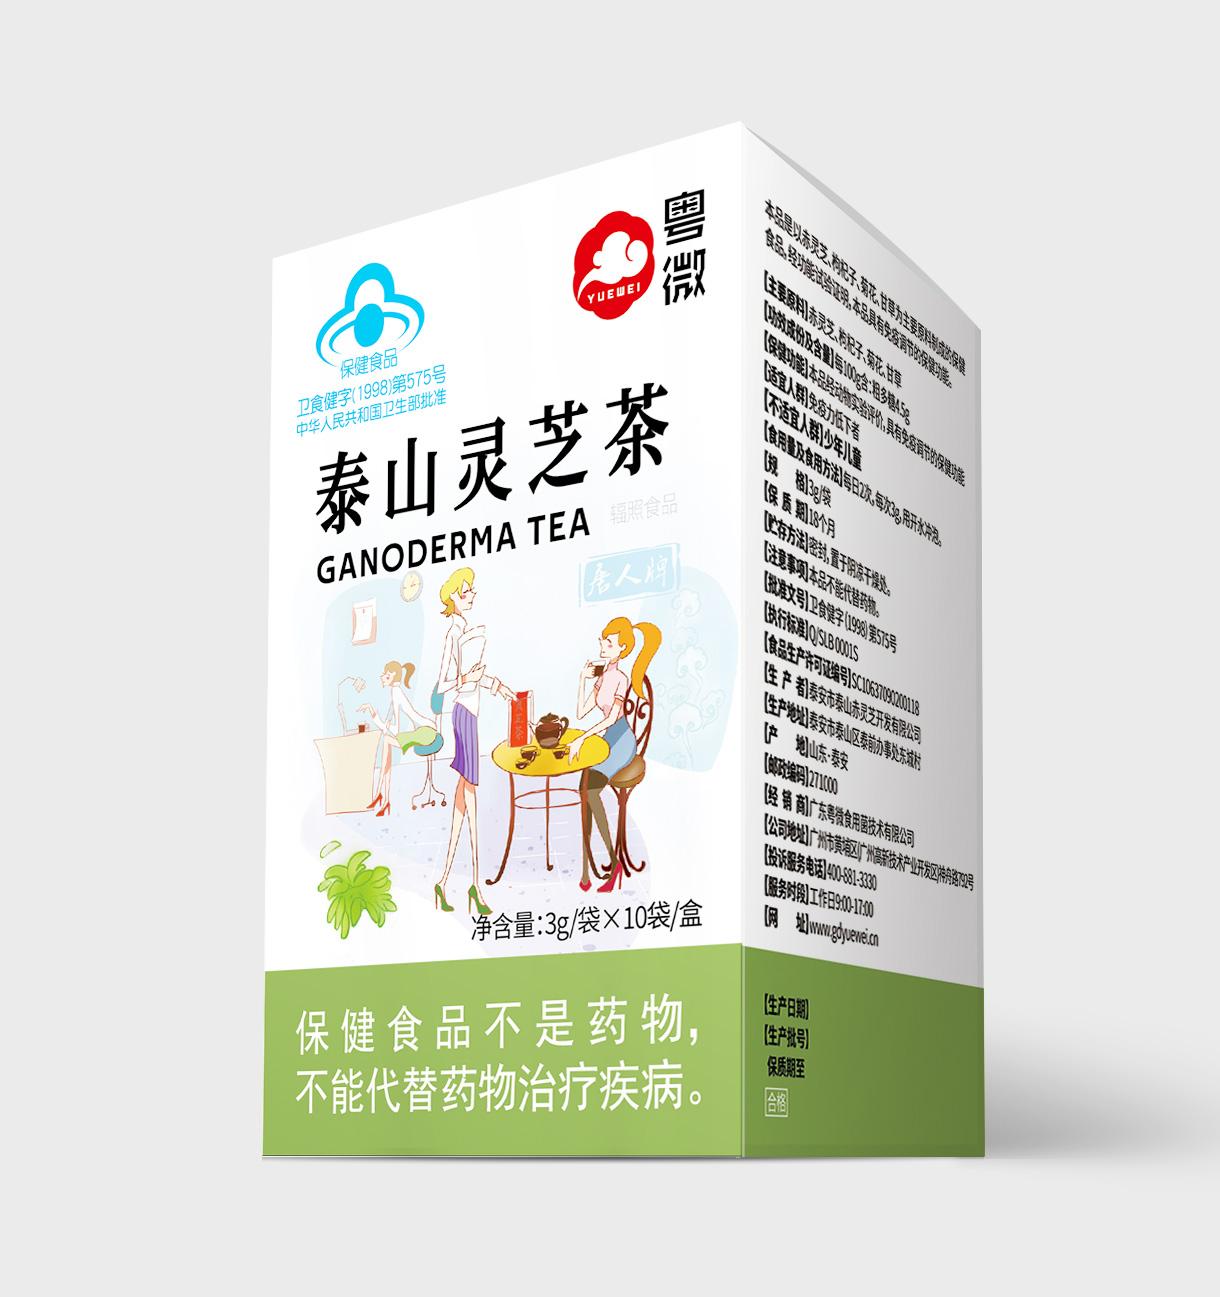 伟德BETVICTOR下载泰山伟德国际娱乐官方网站茶